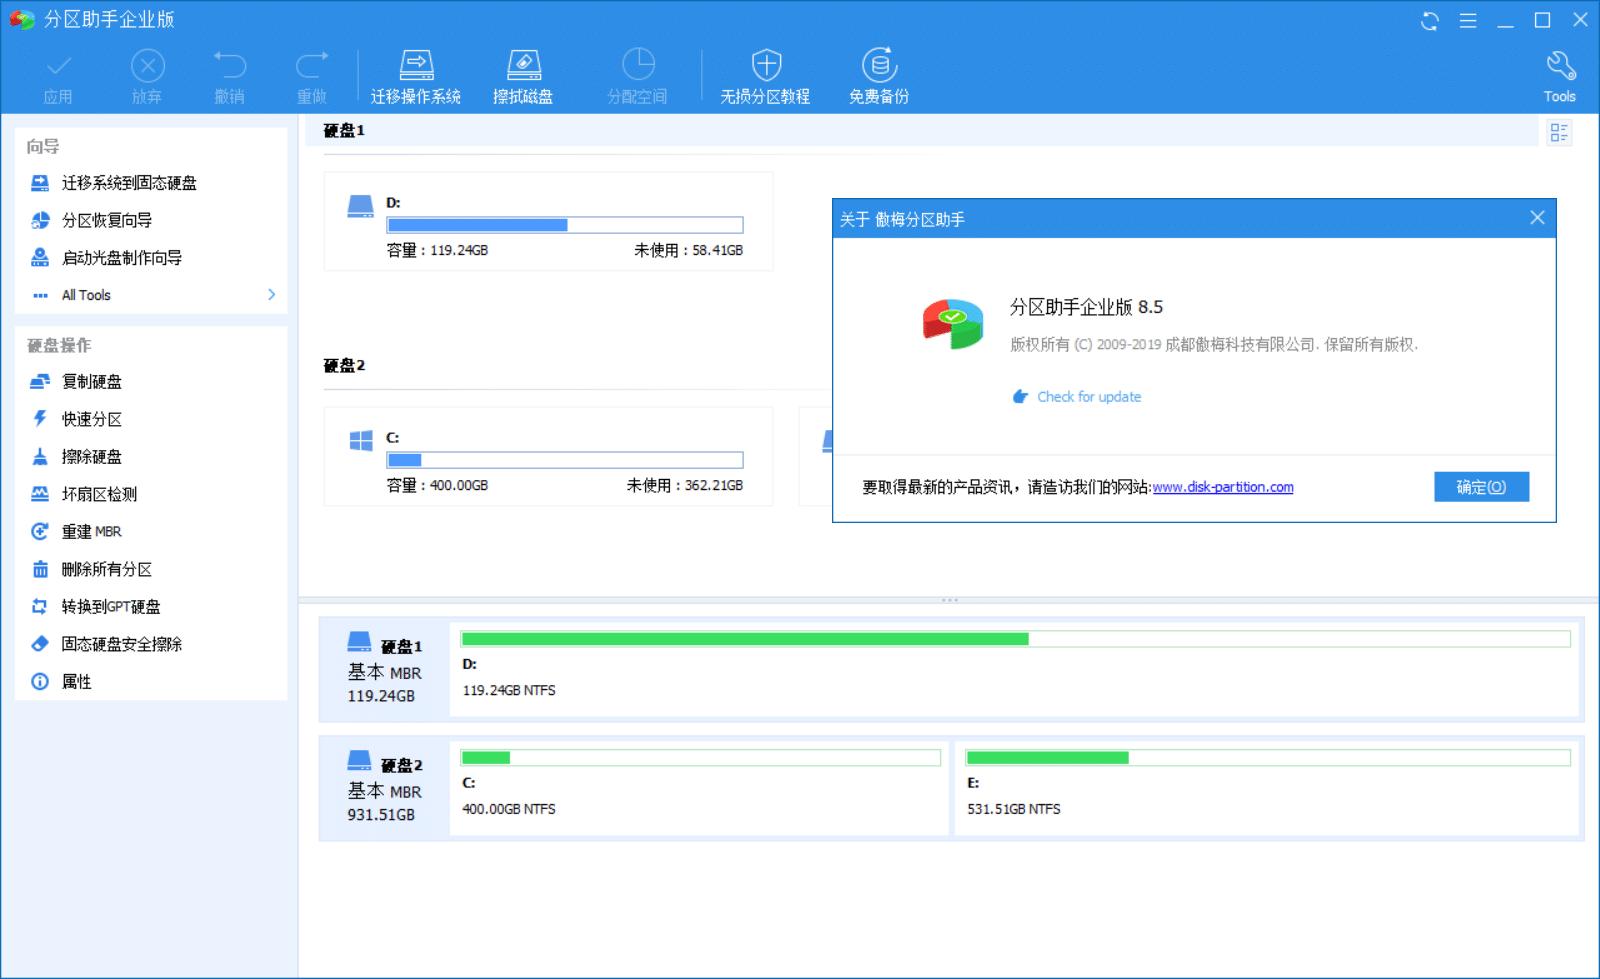 分区助手v8.5.0企业单文件版